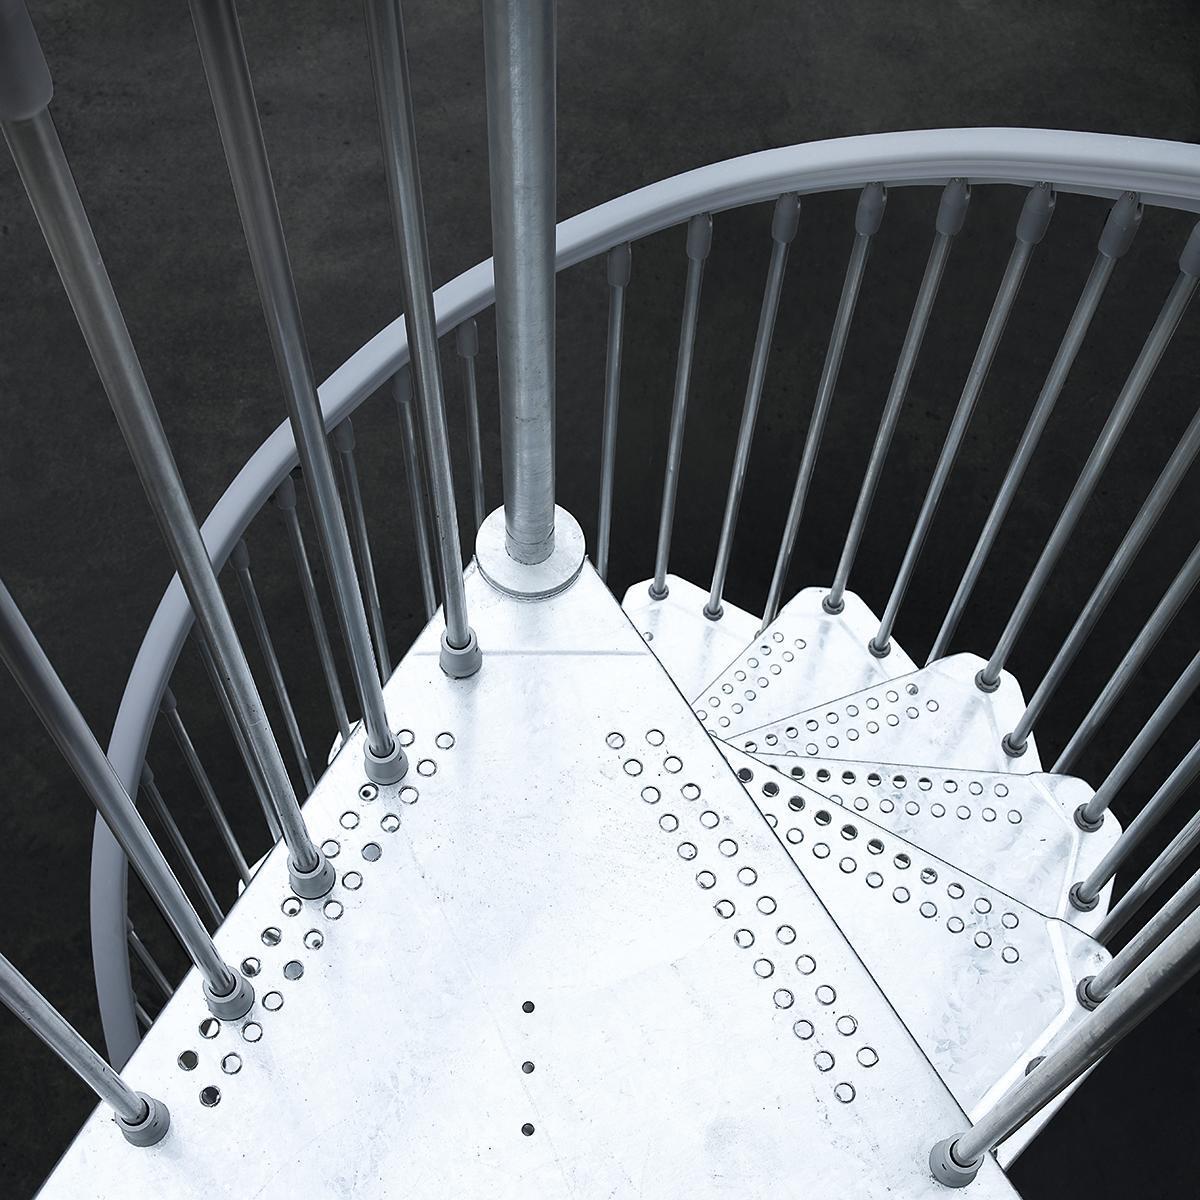 Scala a chiocciola tonda Steel Zink FONTANOT L 160 cm, gradino grigio zincato, struttura grigio zincato - 5